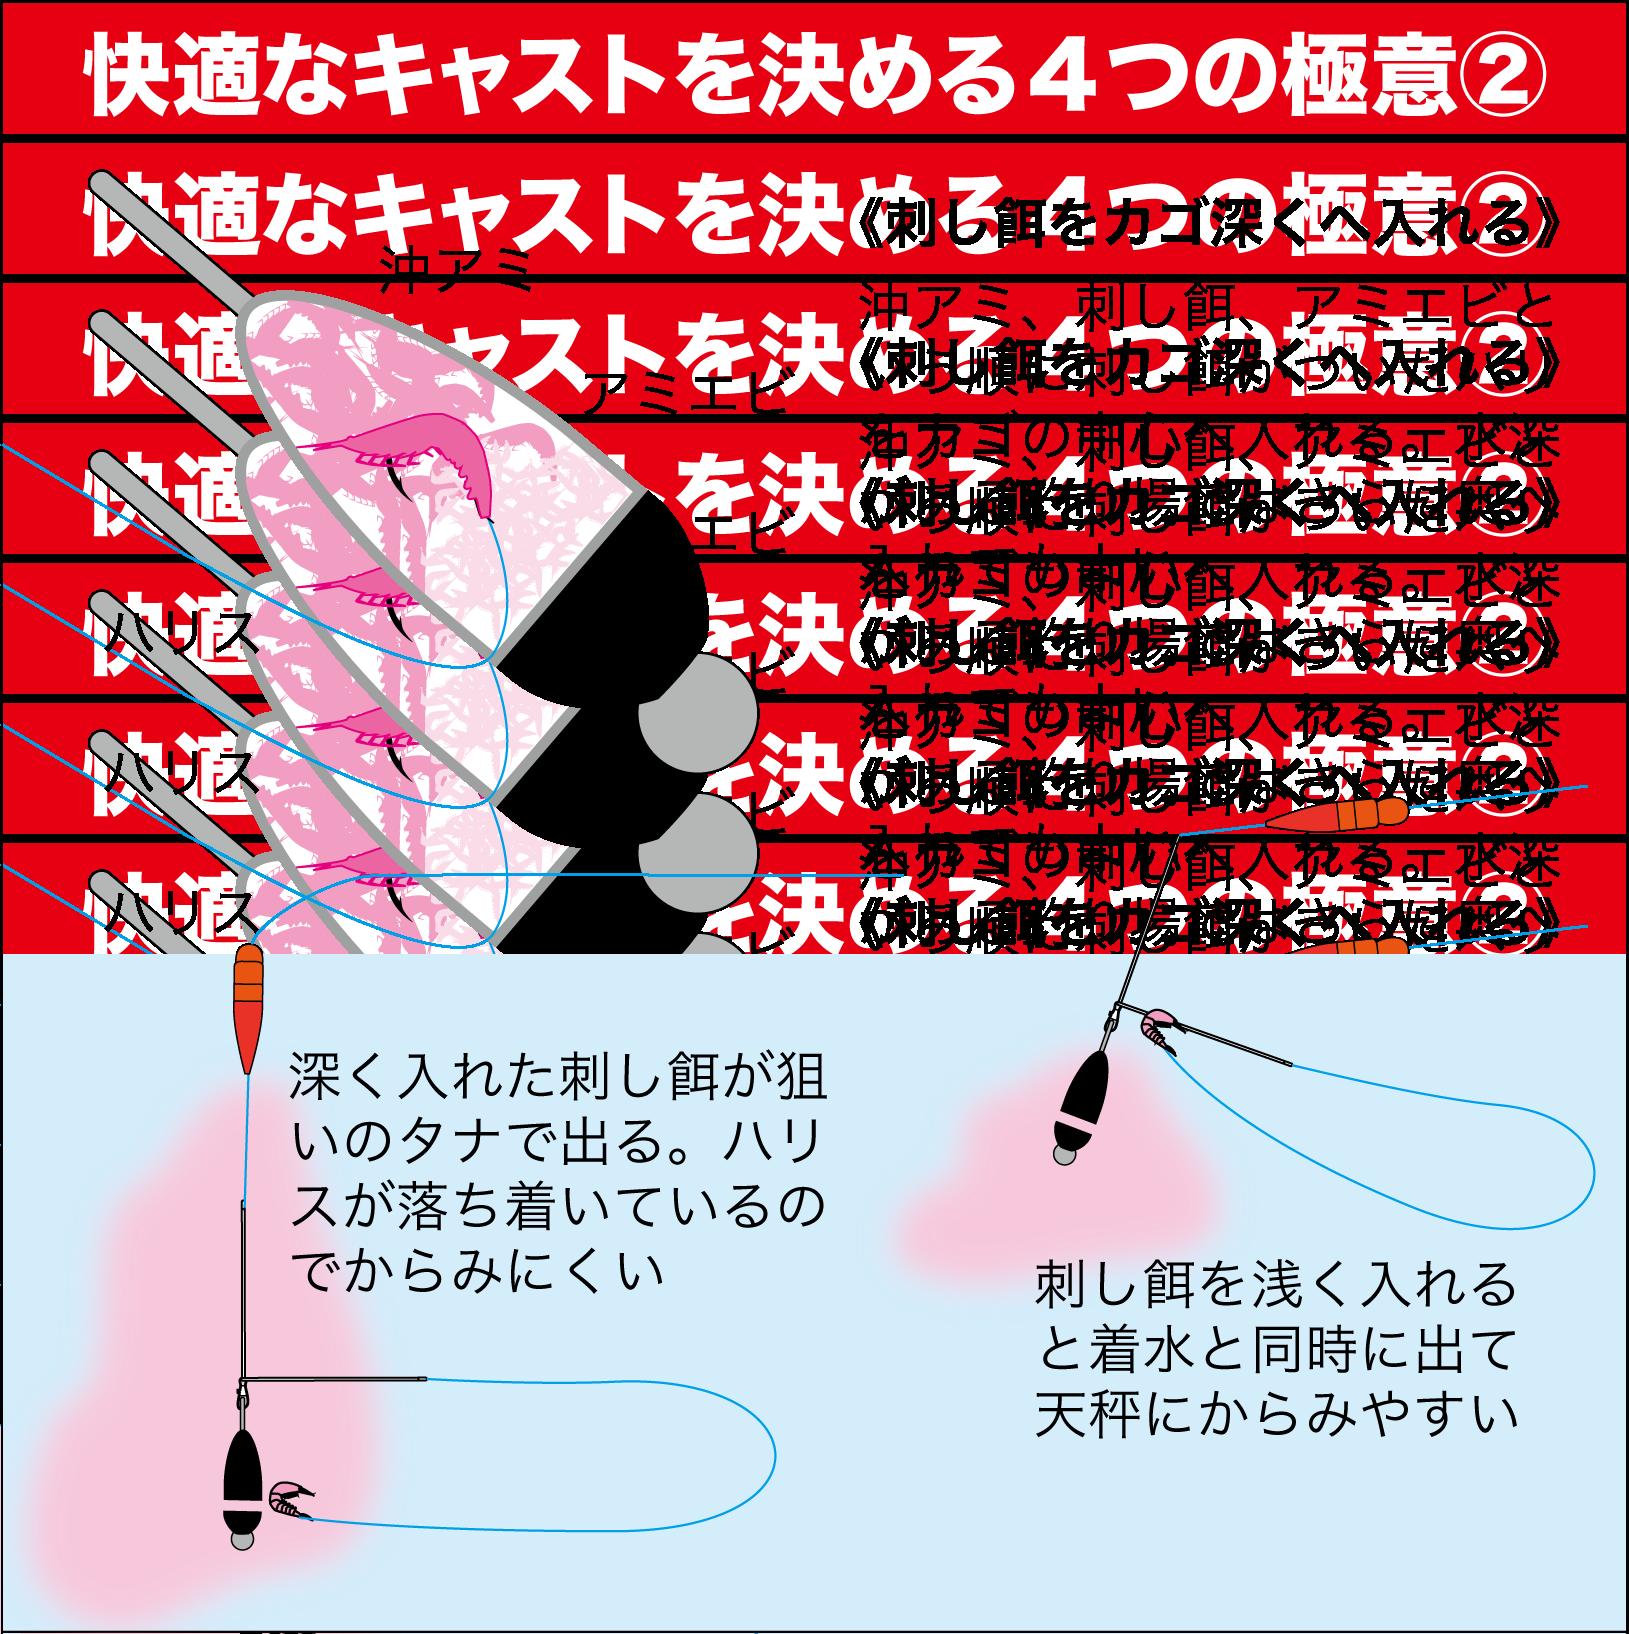 七里御浜カゴ釣りプラン5